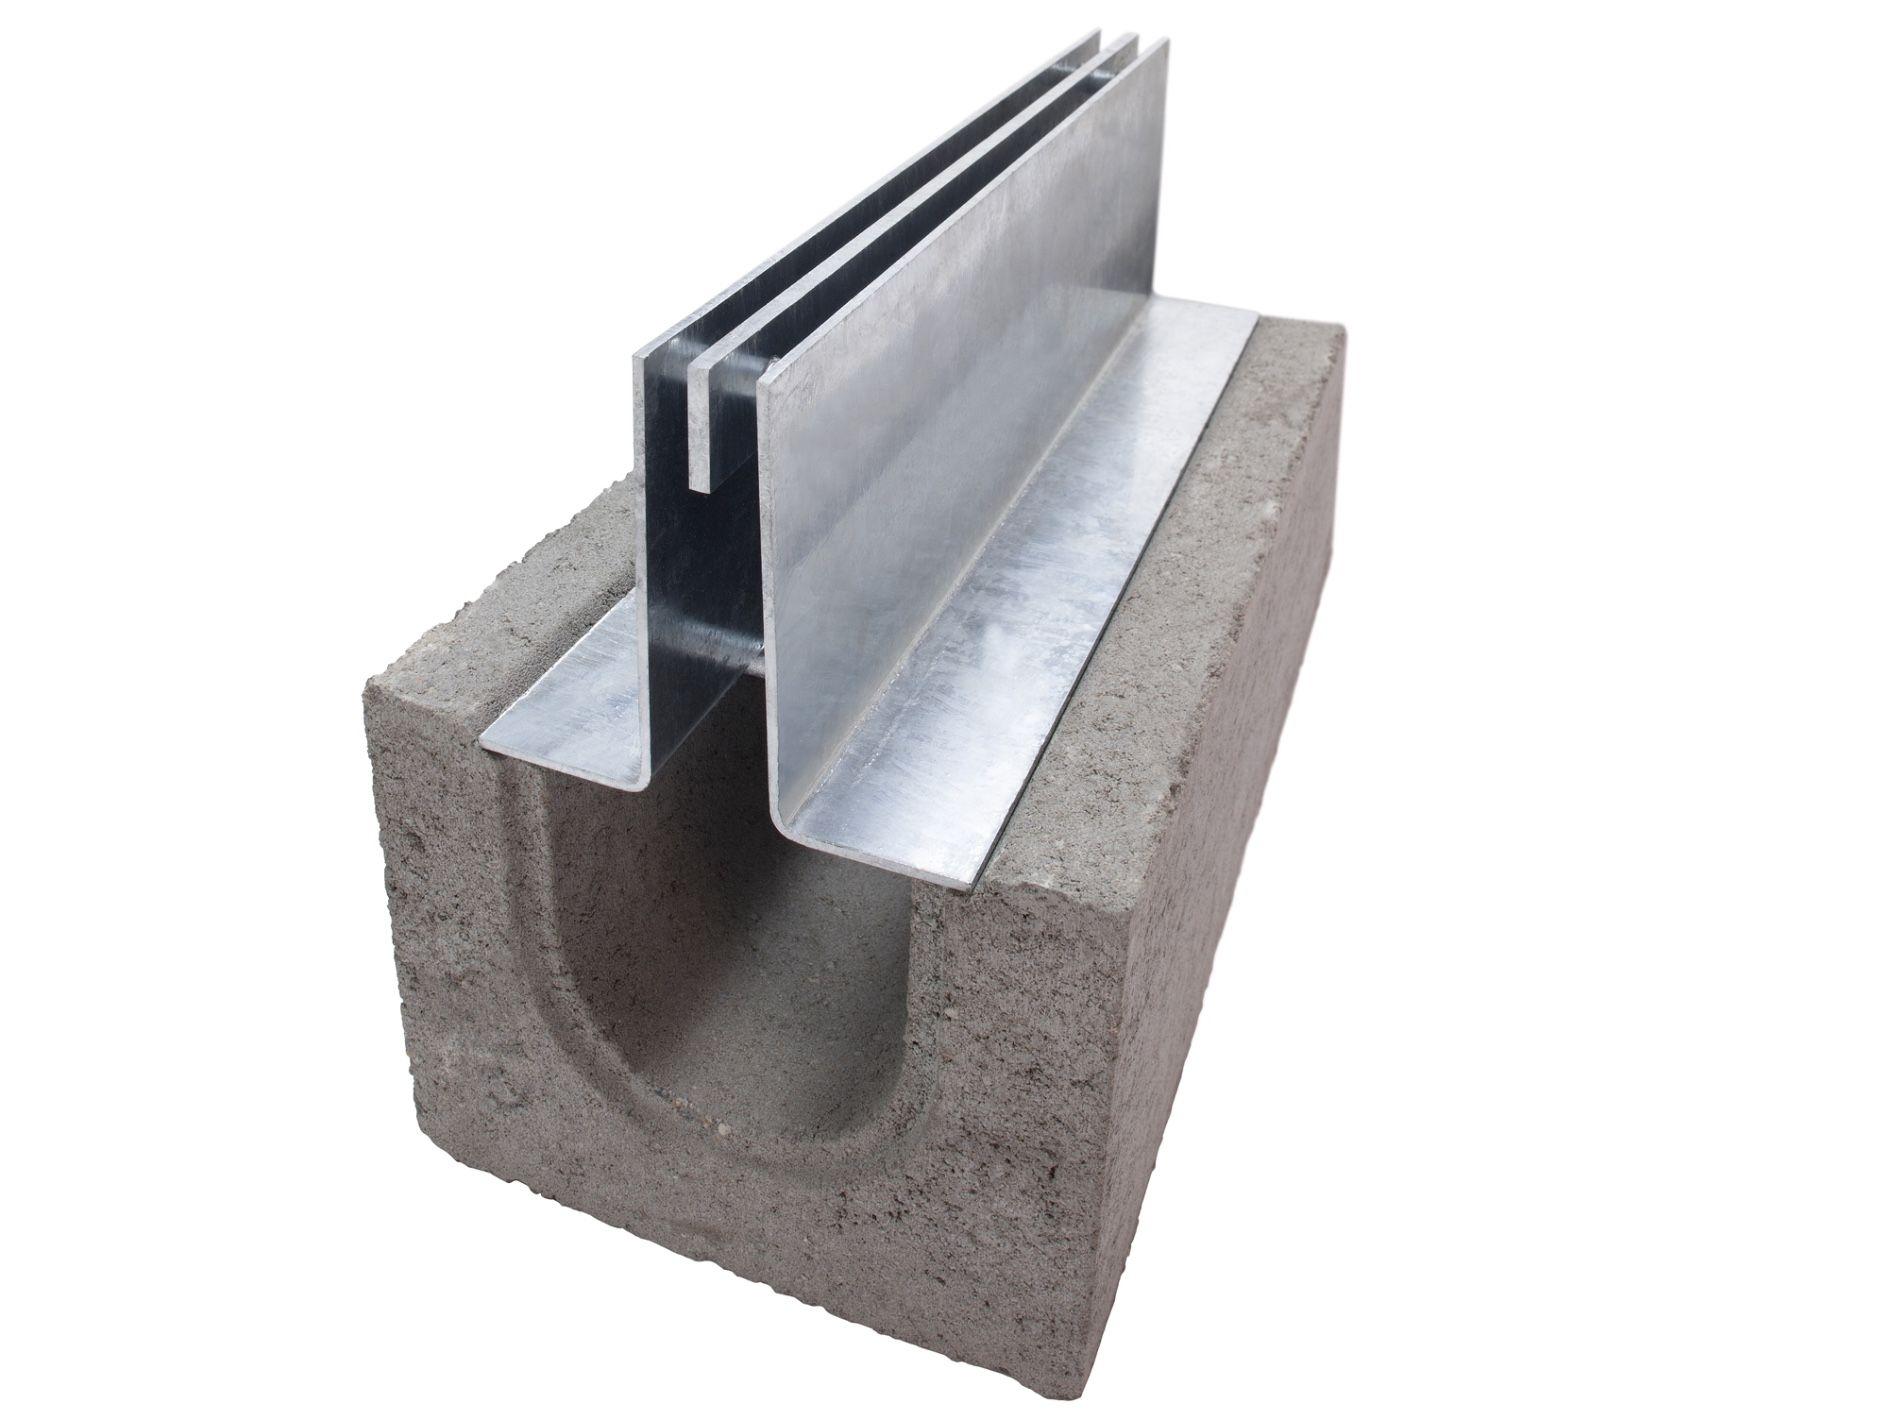 marshalls slot drain duo drainage pinterest entw sserung terrassengestaltung und garten. Black Bedroom Furniture Sets. Home Design Ideas